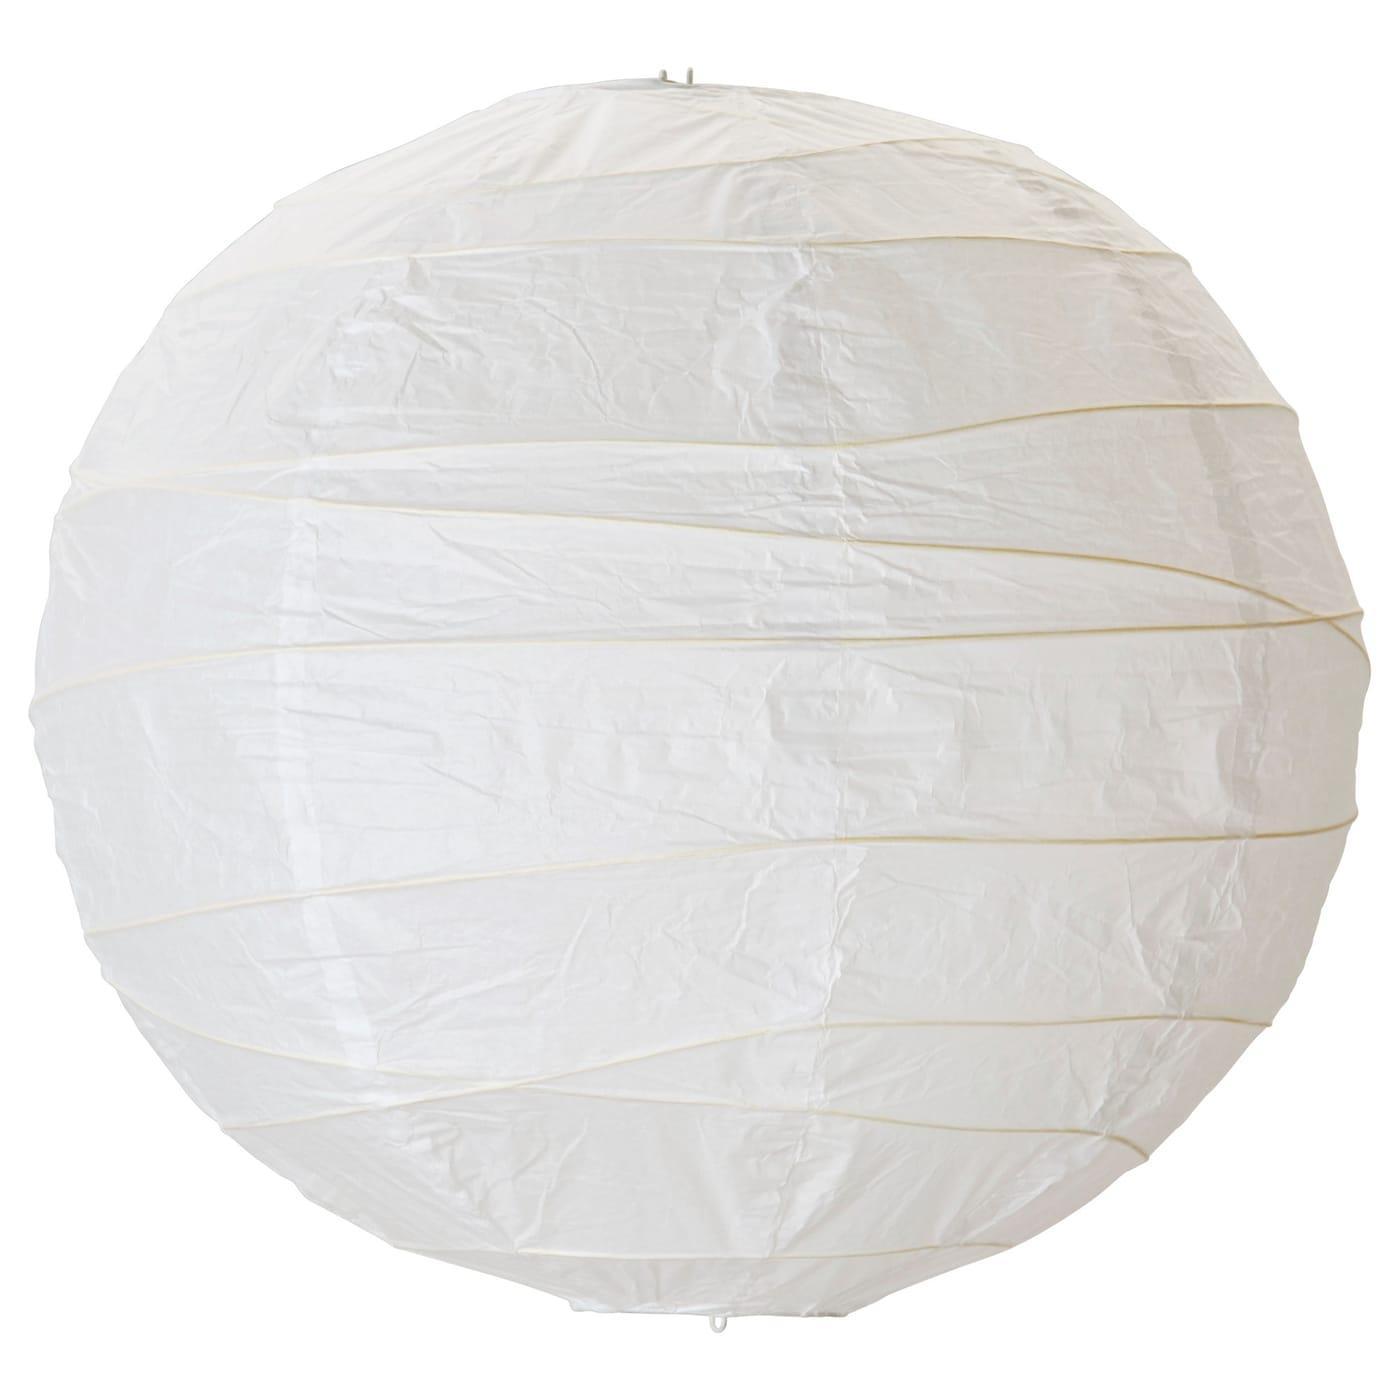 Ikea Lampe Papier Froissé